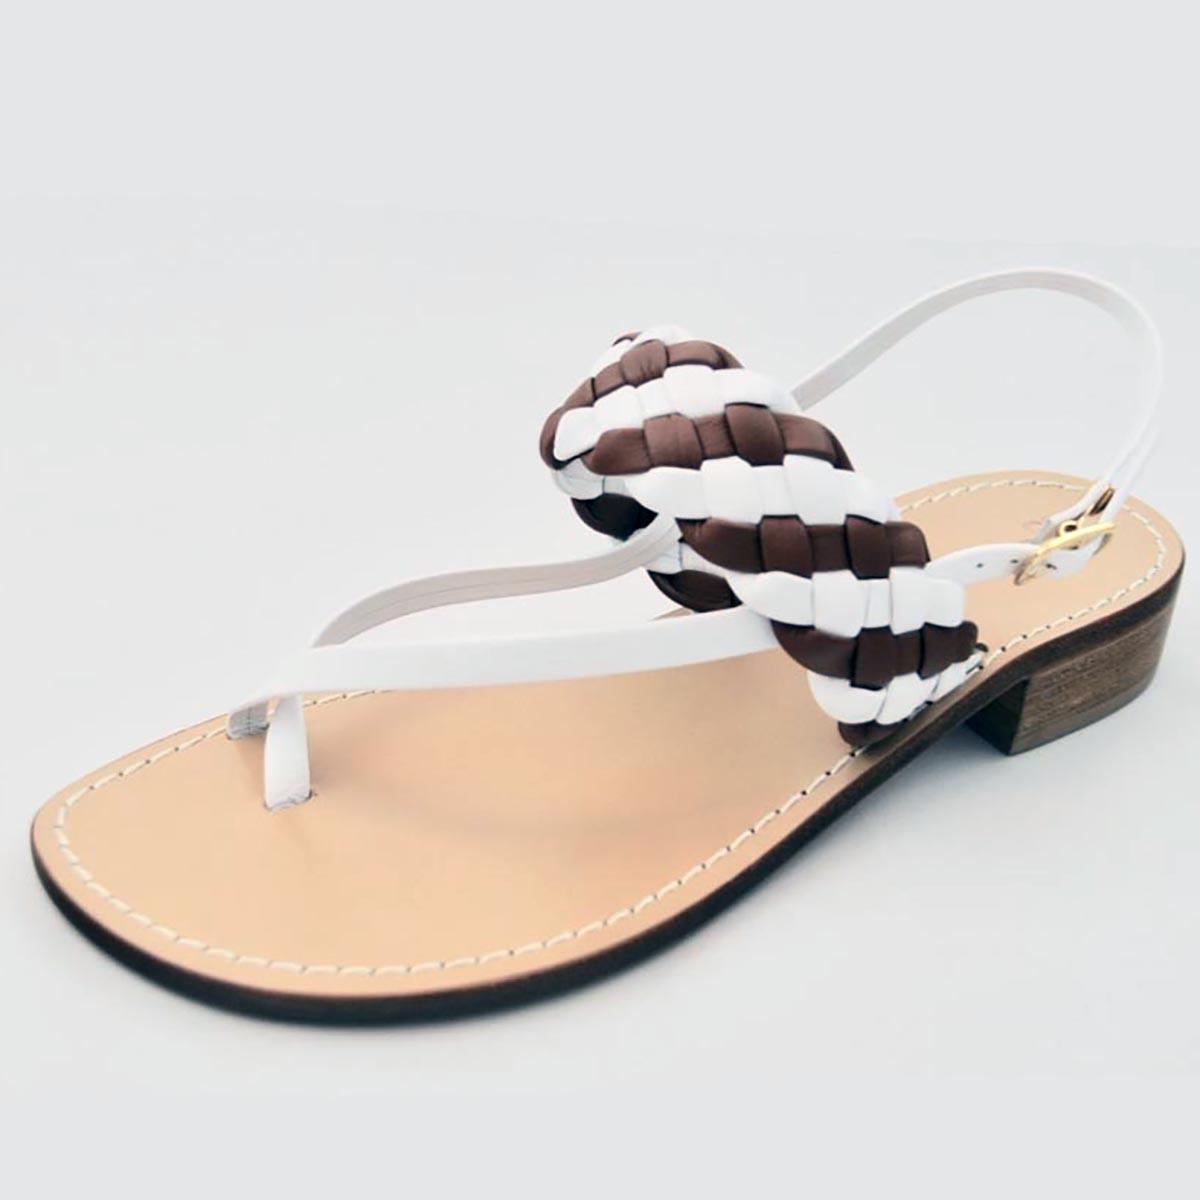 Amanda Jayne - Amalfi Tan Summer Sandal